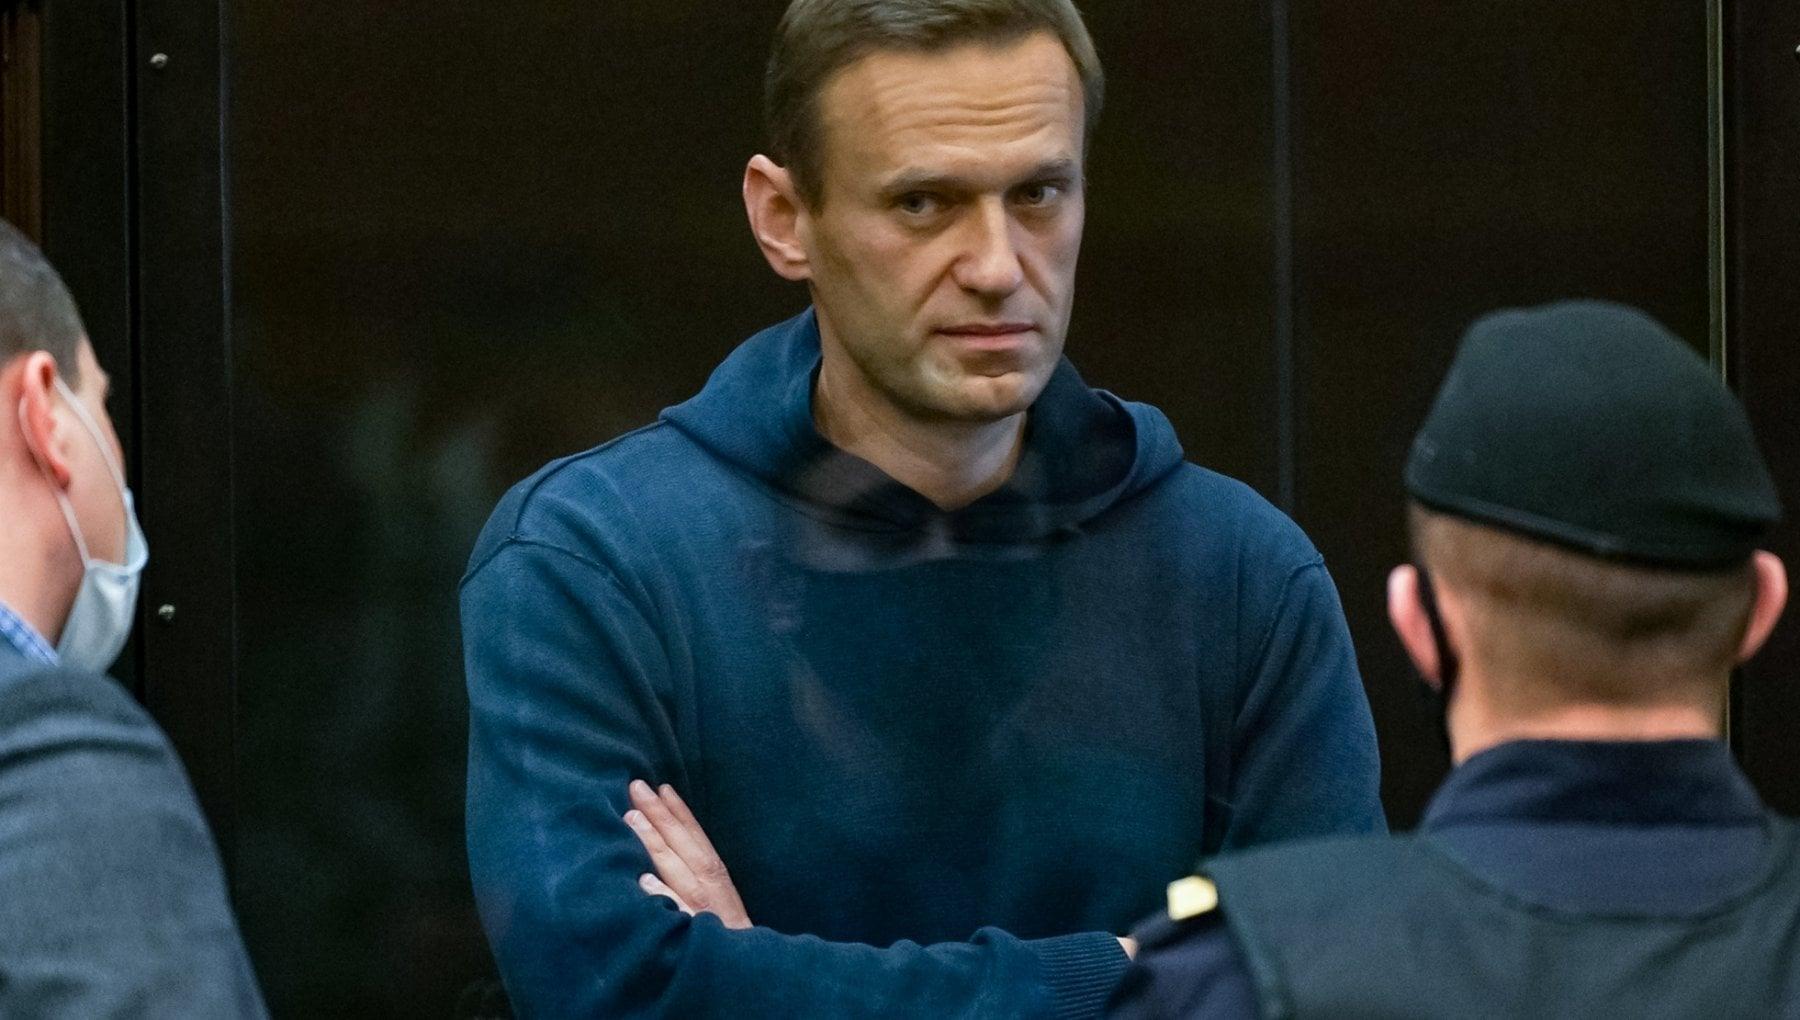 153132089 8d567280 224e 4e5c a1bf 5d00391ee840 - Yves Rocher e la trama oscura dietro l'arresto di Navalnyj